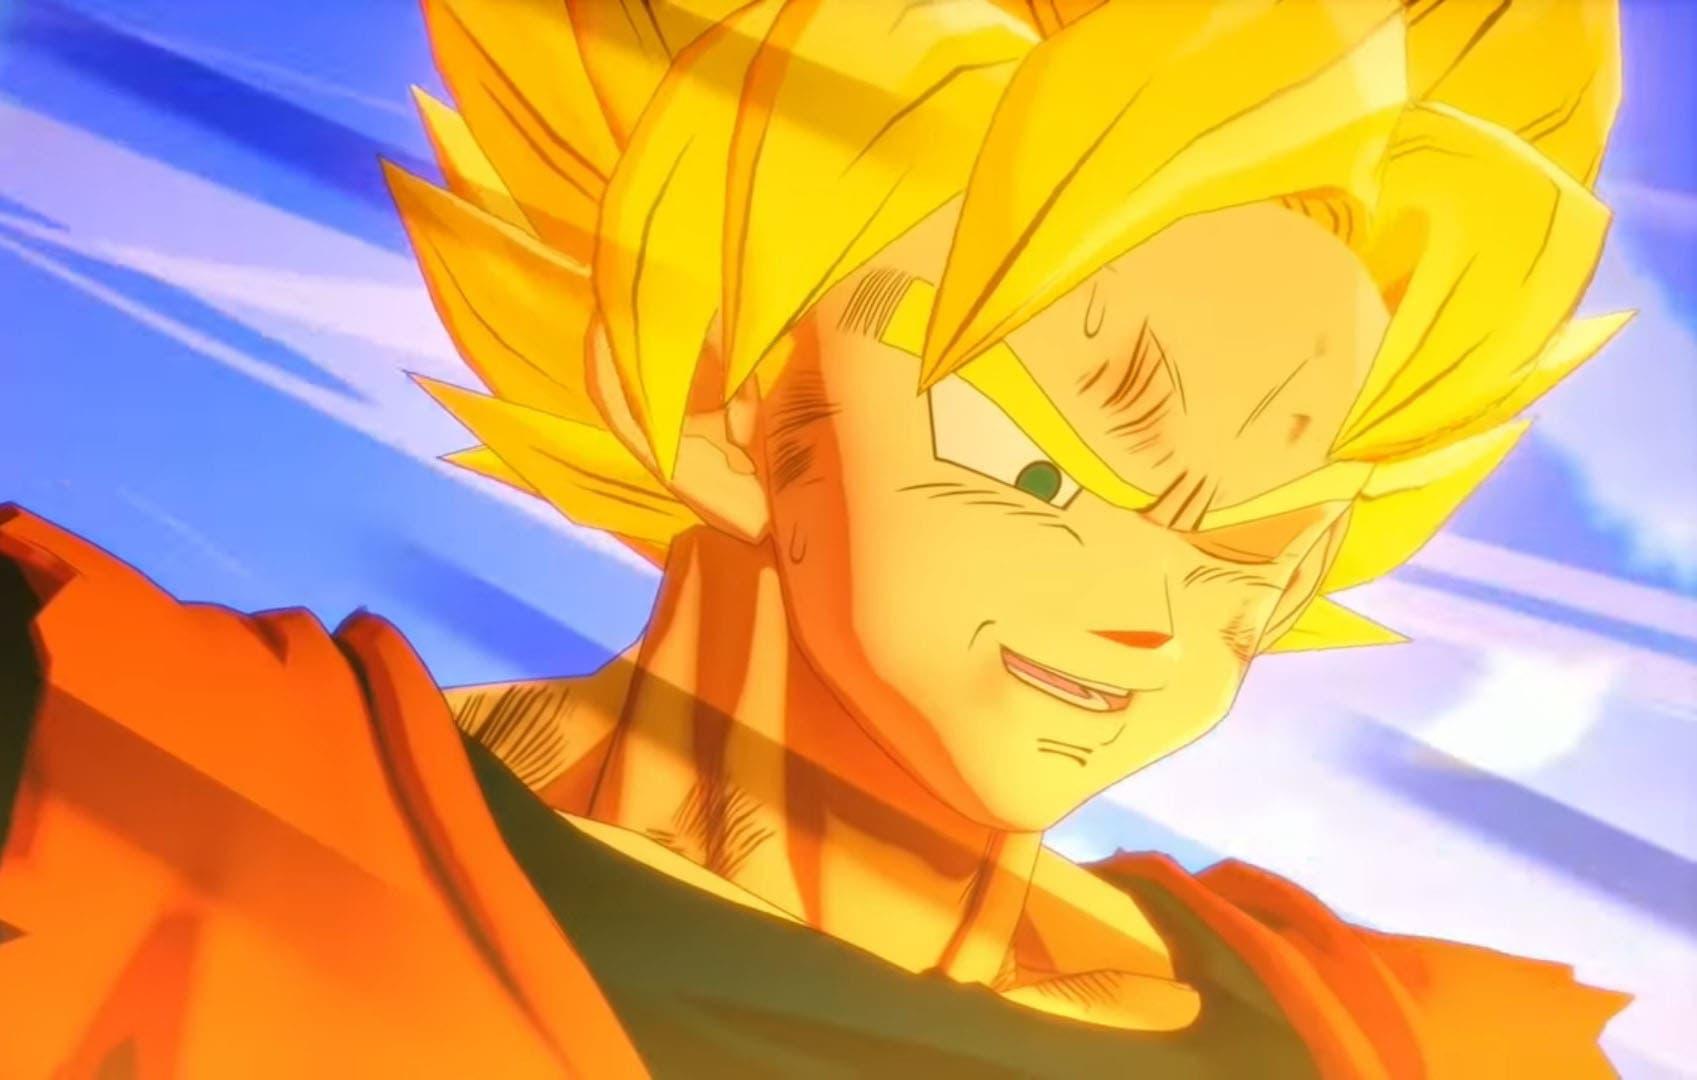 Dragon Ball Z: Kakarot te introduce en su mundo con su último tráiler 9